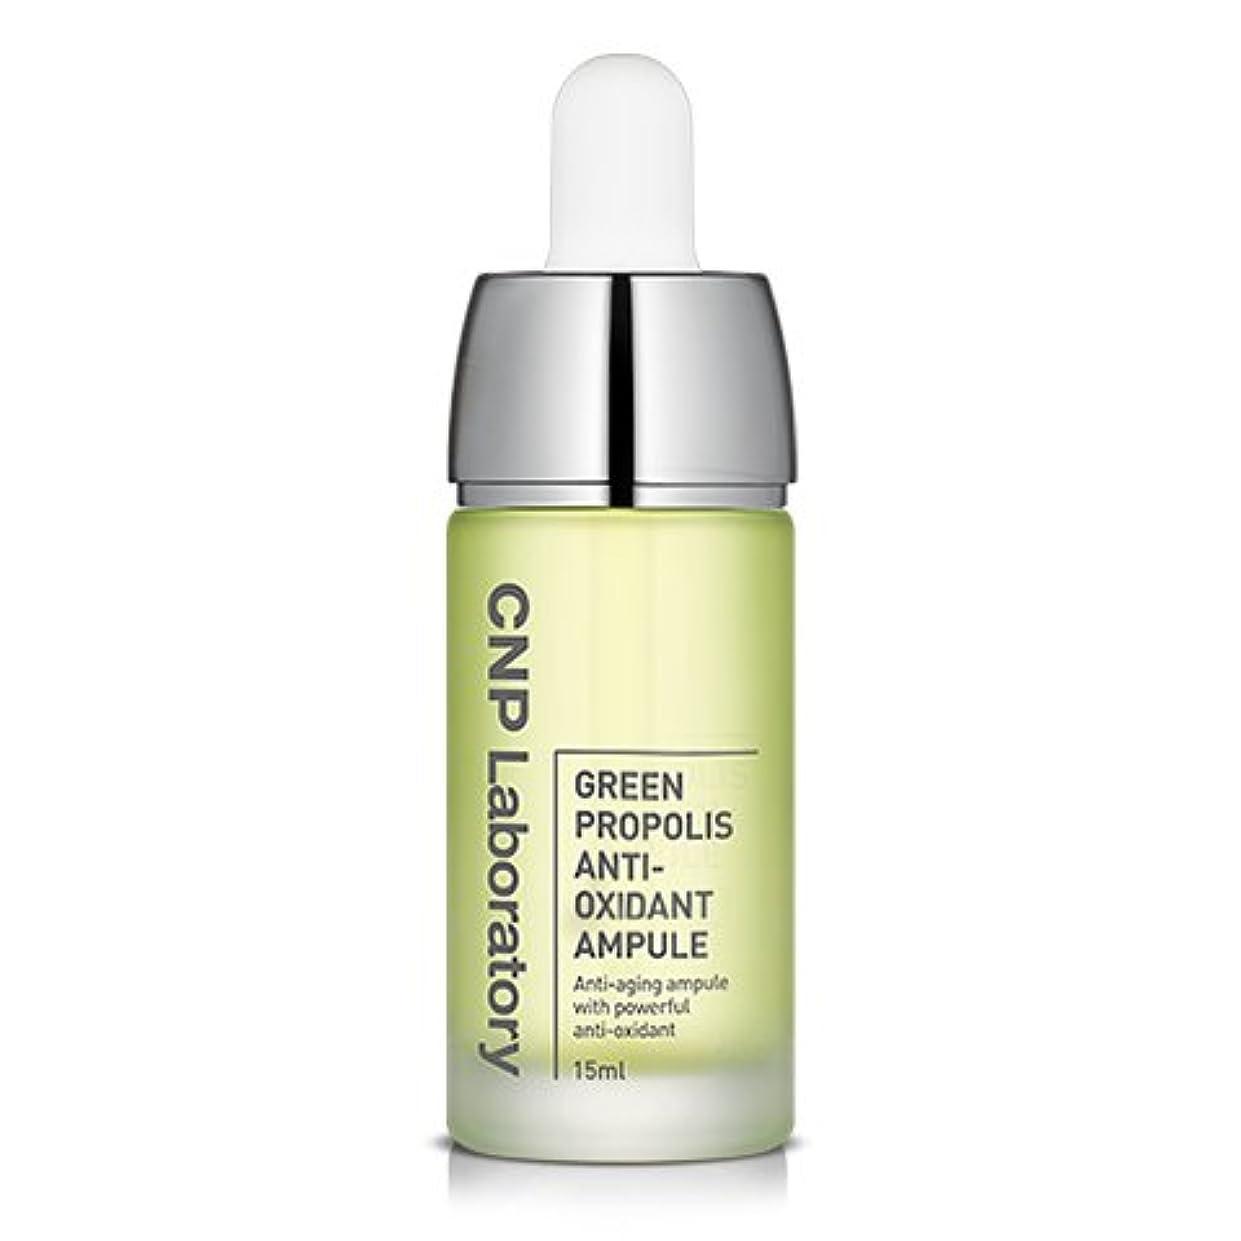 固有の吸い込むモネCNP Laboratory グリーンプロポリス酸化防止剤アンプル/Green Propolis Anti-Oxidant Ampule 15ml [並行輸入品]